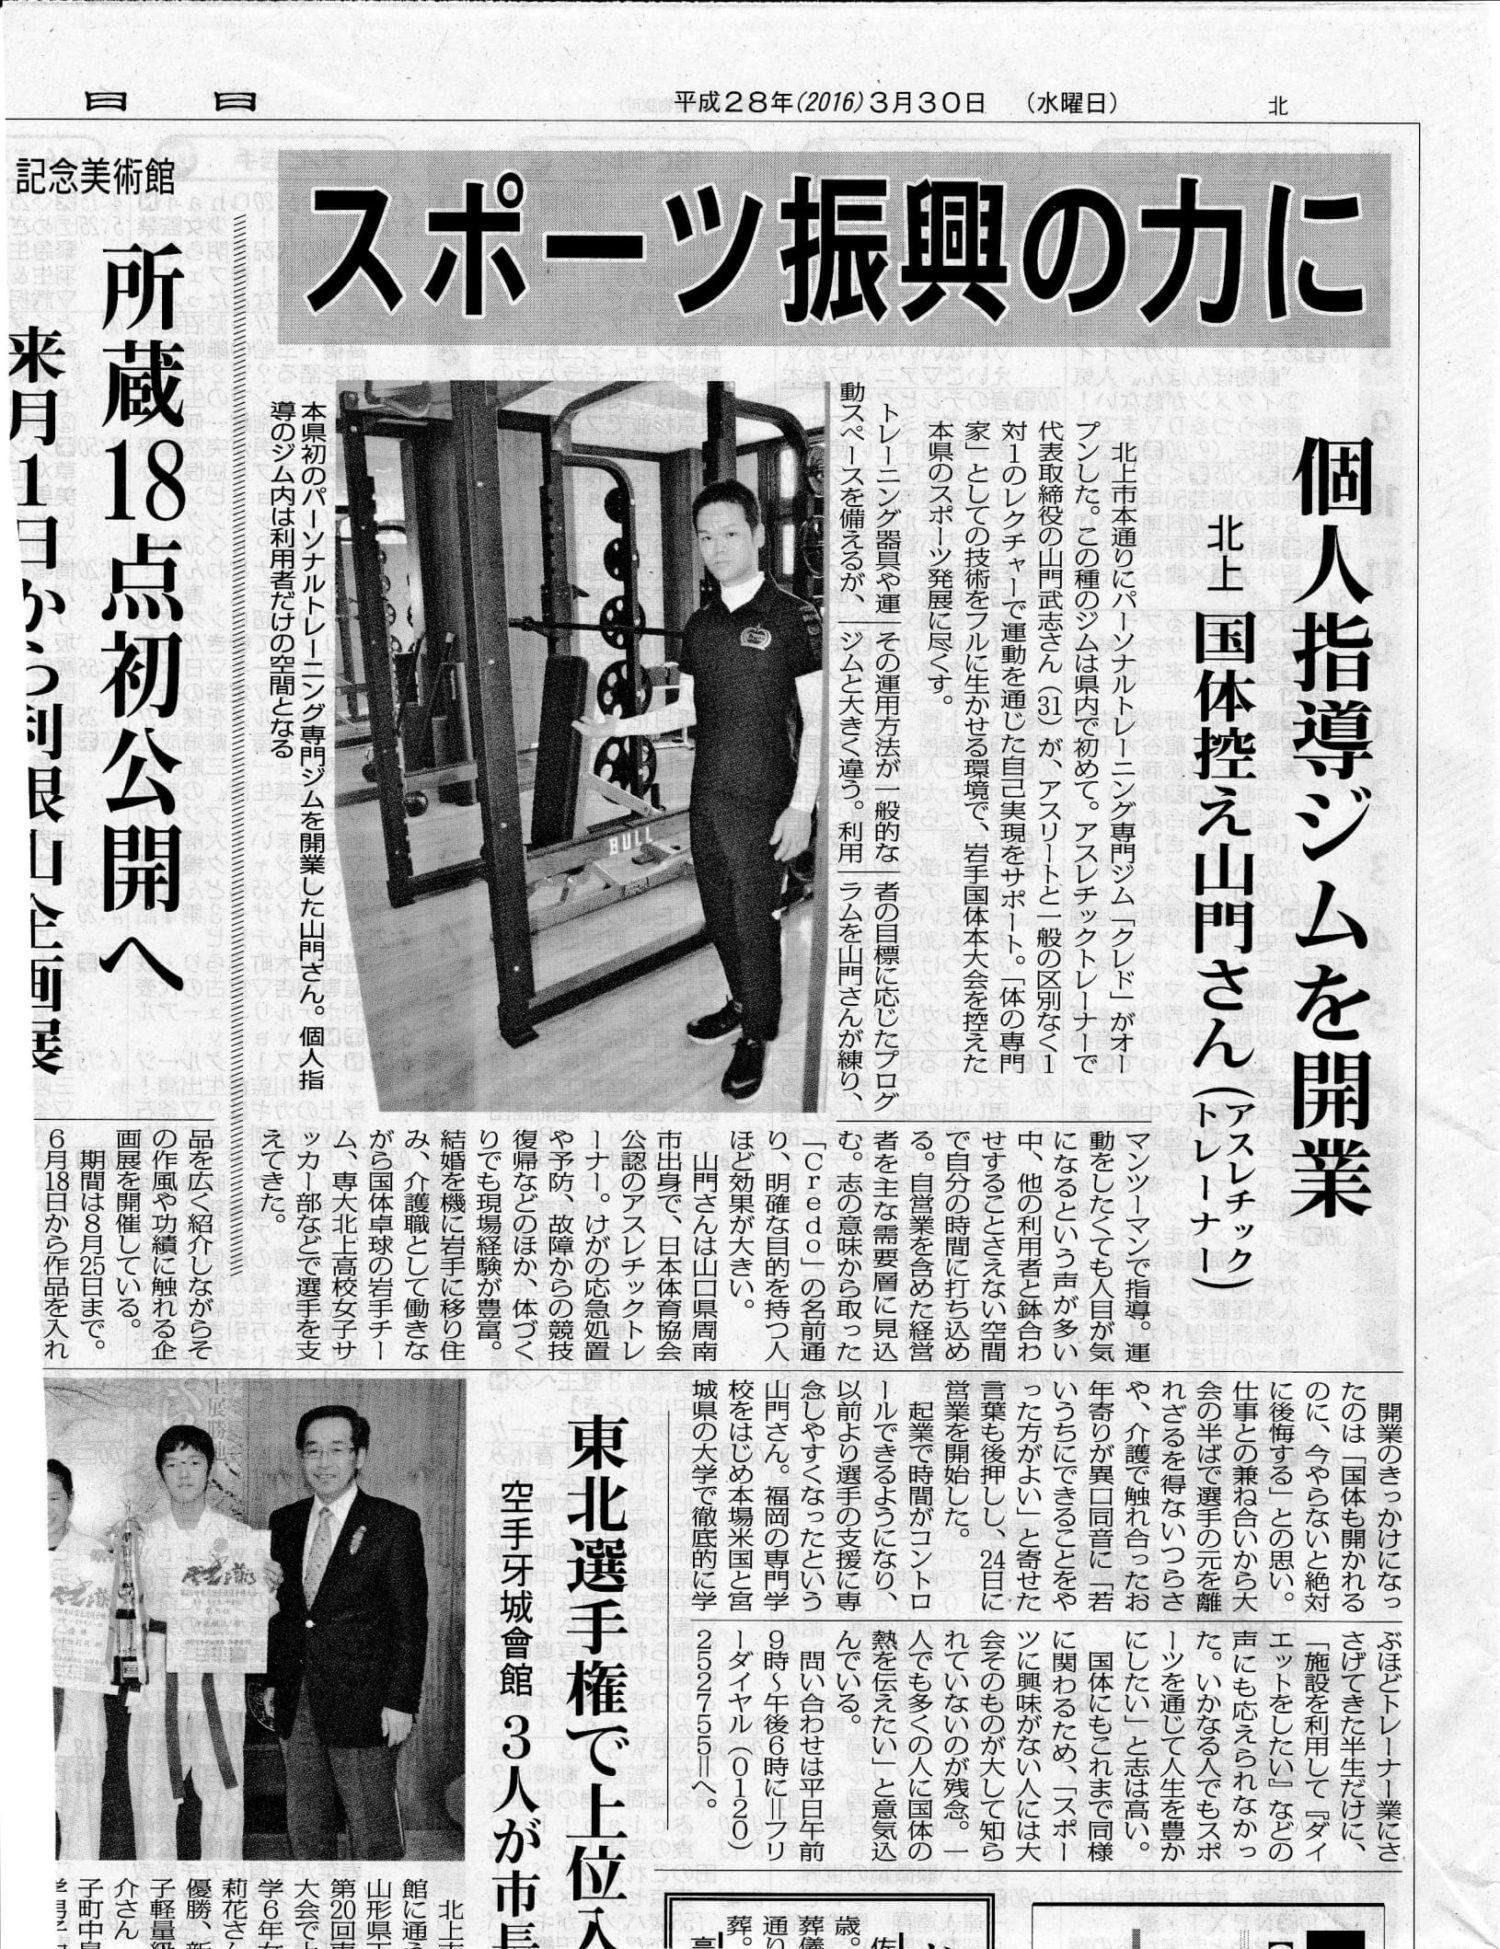 <p>平成28年3月30日岩手日日紙面掲載<br/> <p>【スポーツ振興の力に】</p>